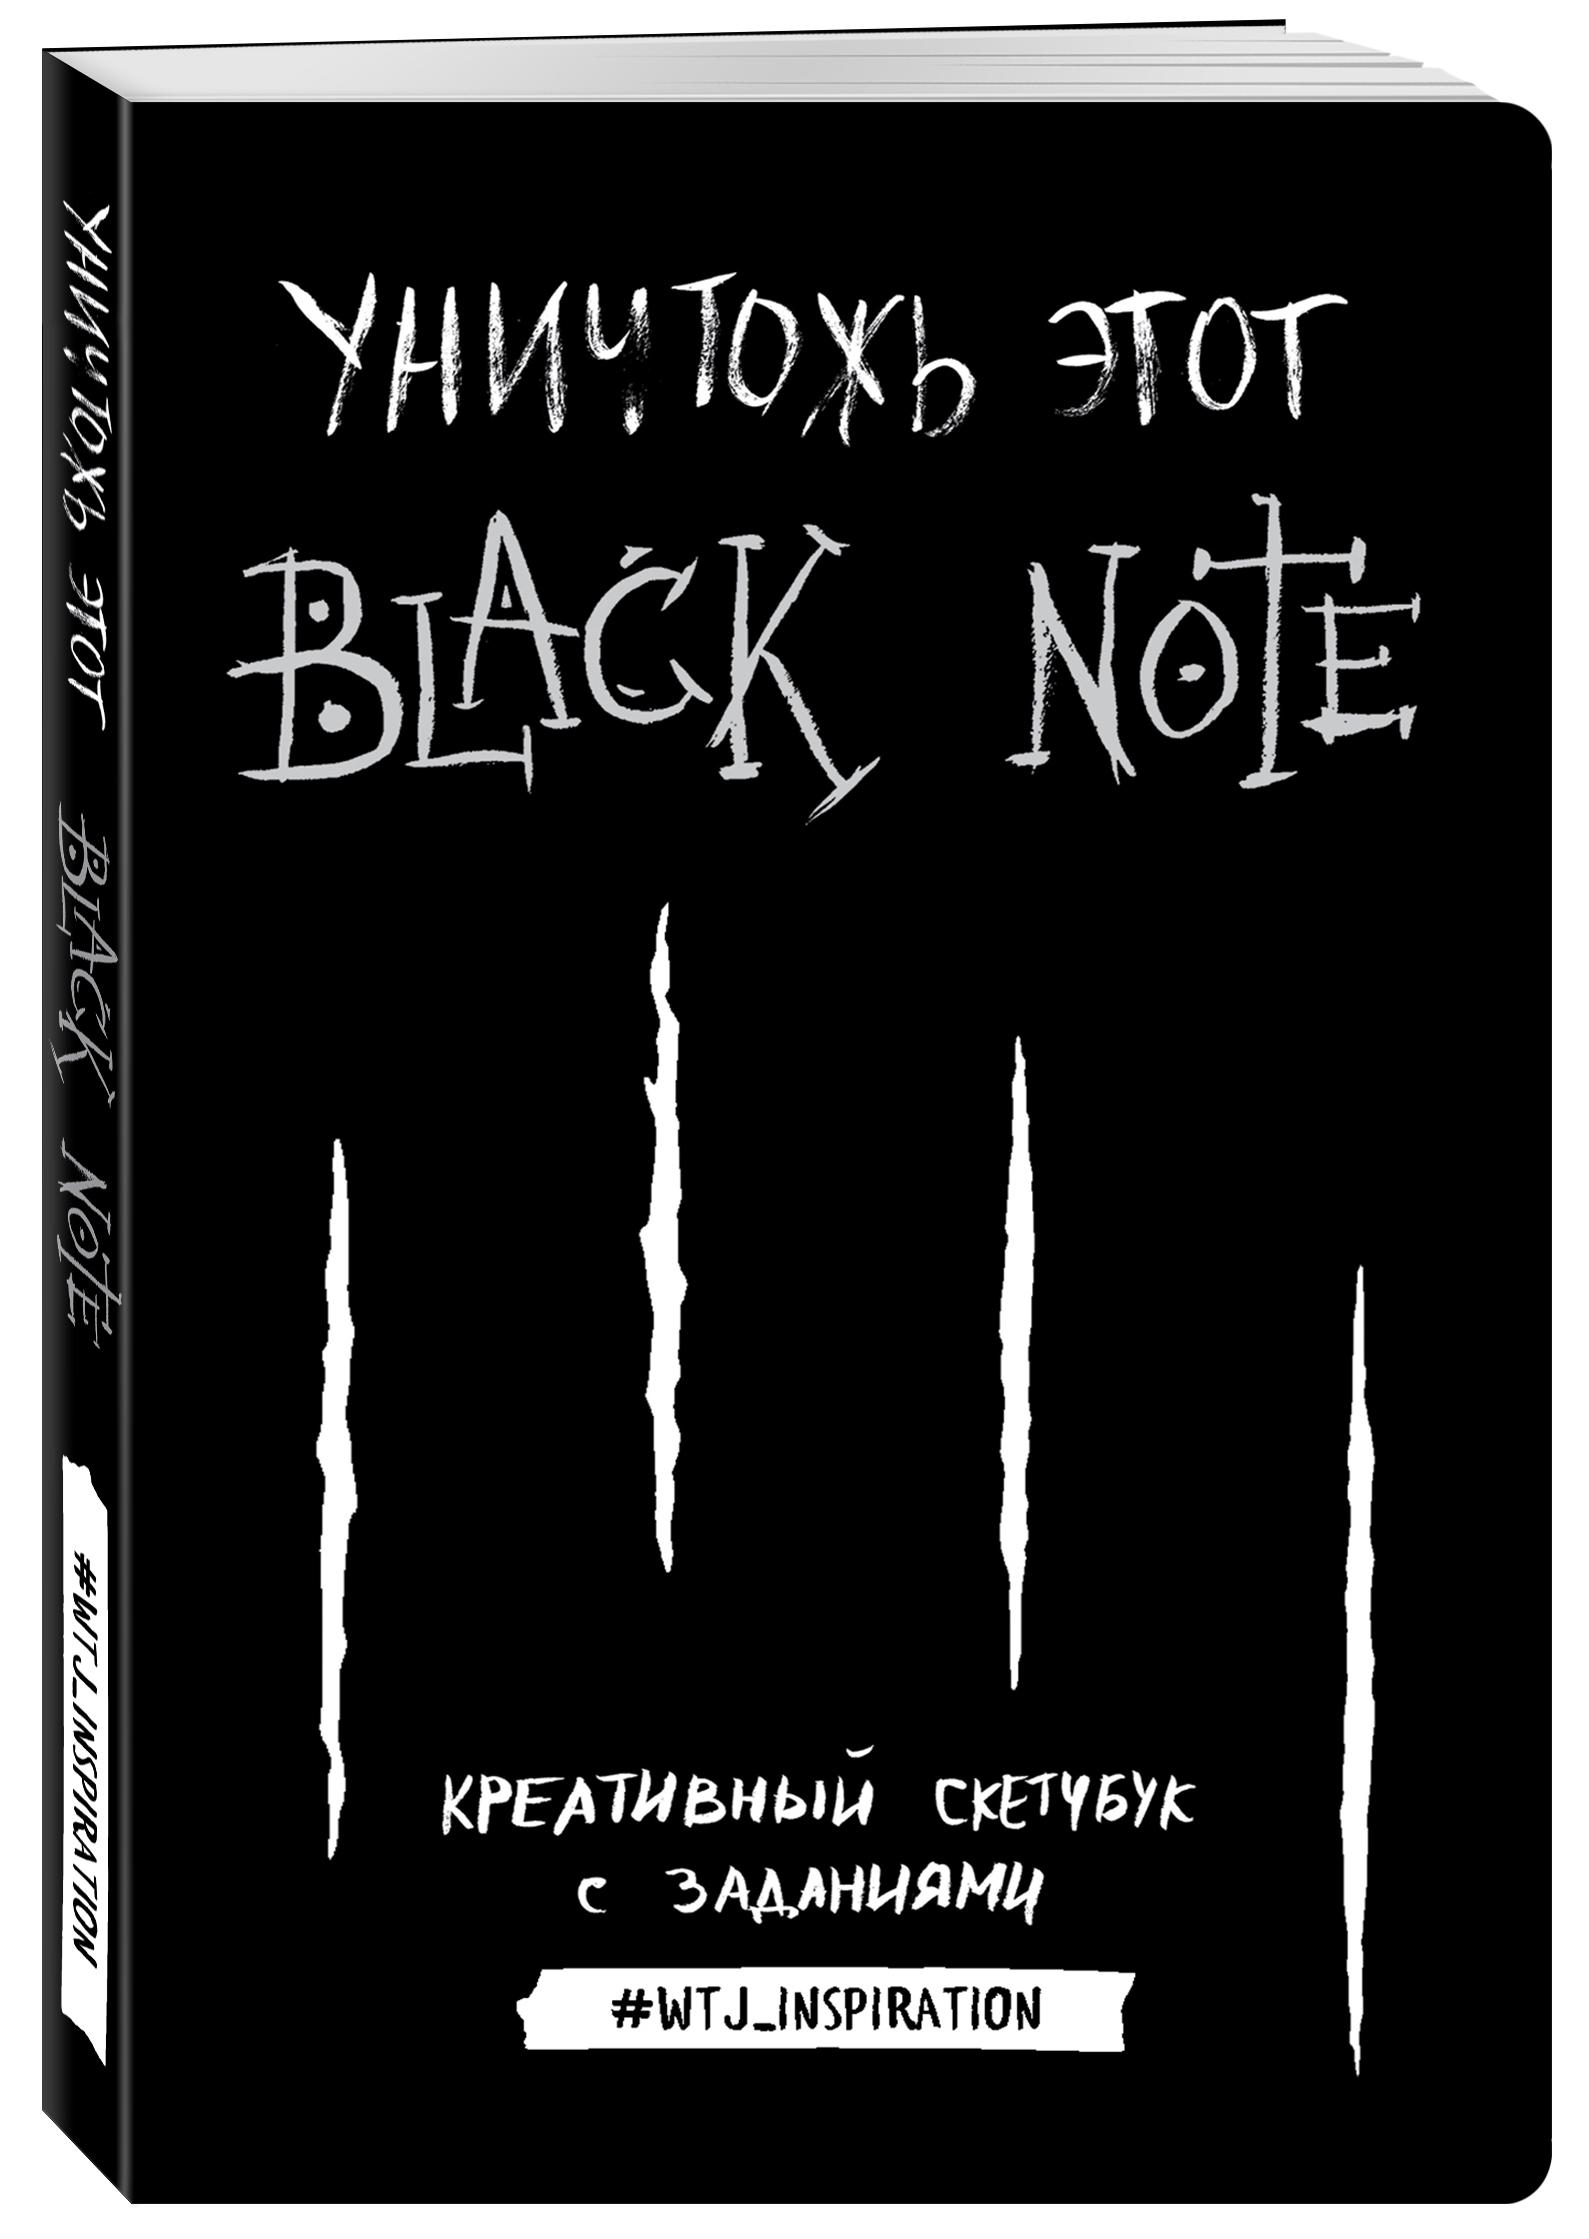 Уничтожь этот Black Note. Креативный скетчбук с заданиями